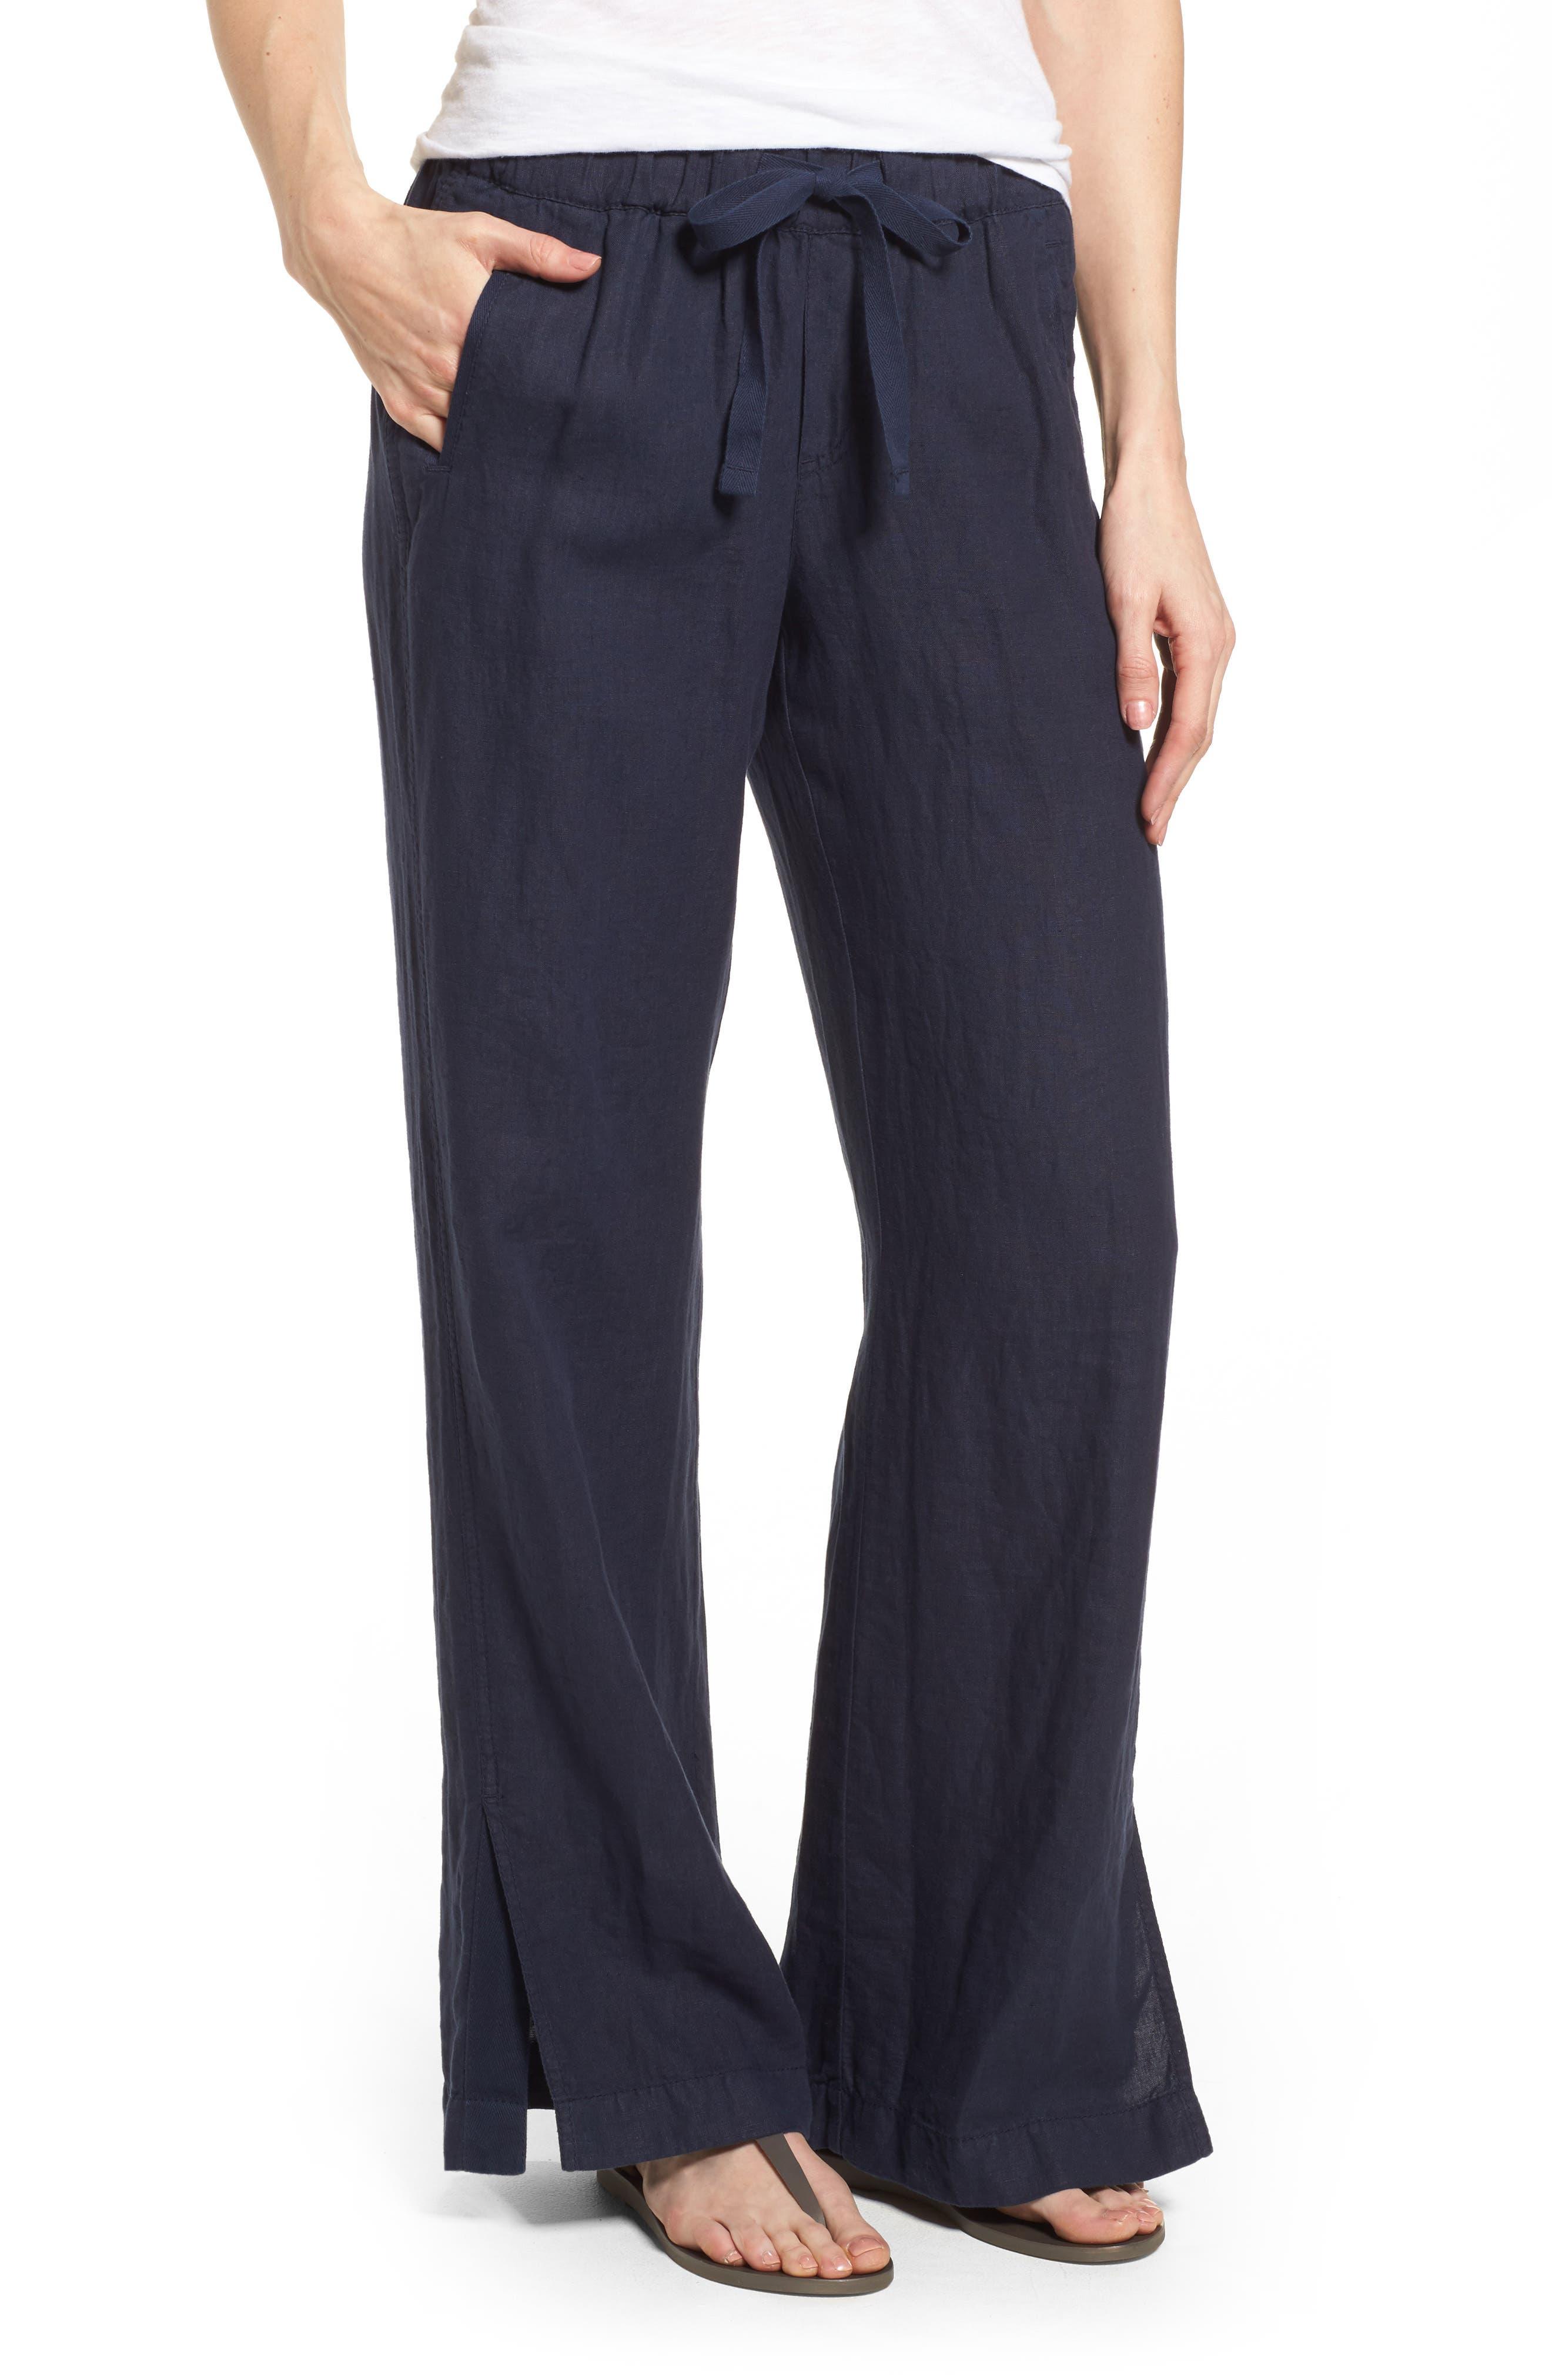 Classique Pantalon Évasé - Théorie Noir Magasin De Jeu Pas Cher Acheter En Ligne Authentique Peu Coûteux Jeu De Haute Qualité vYyWvY